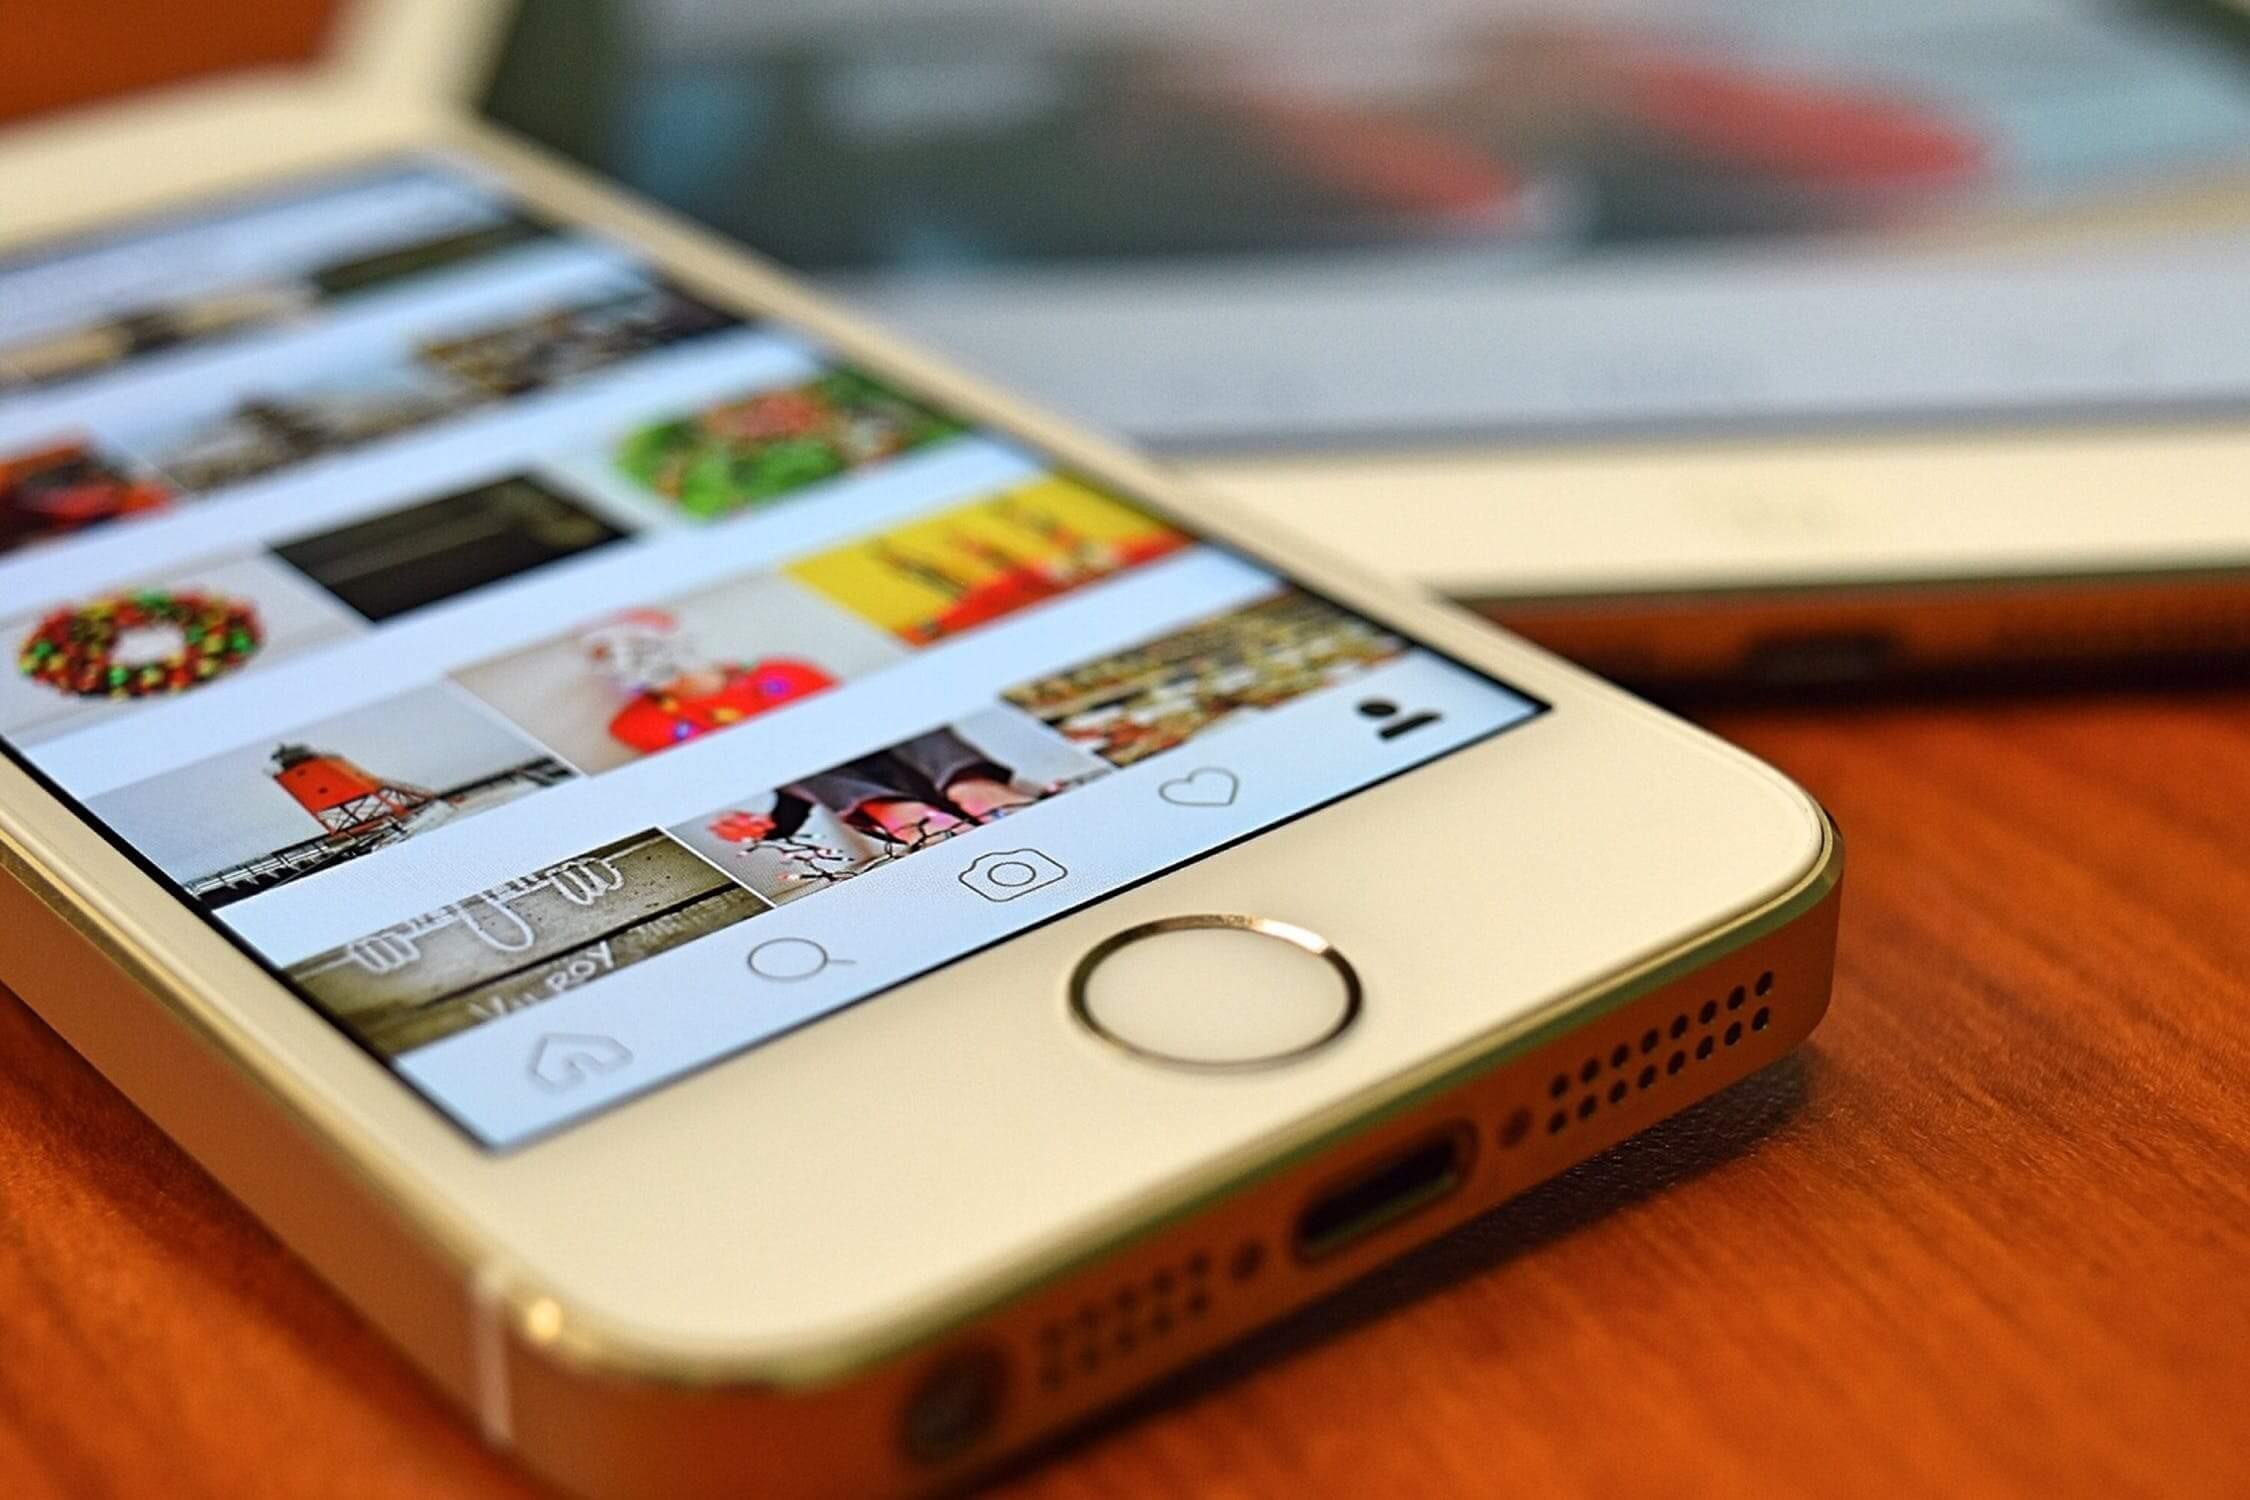 Instagram oglaševanje